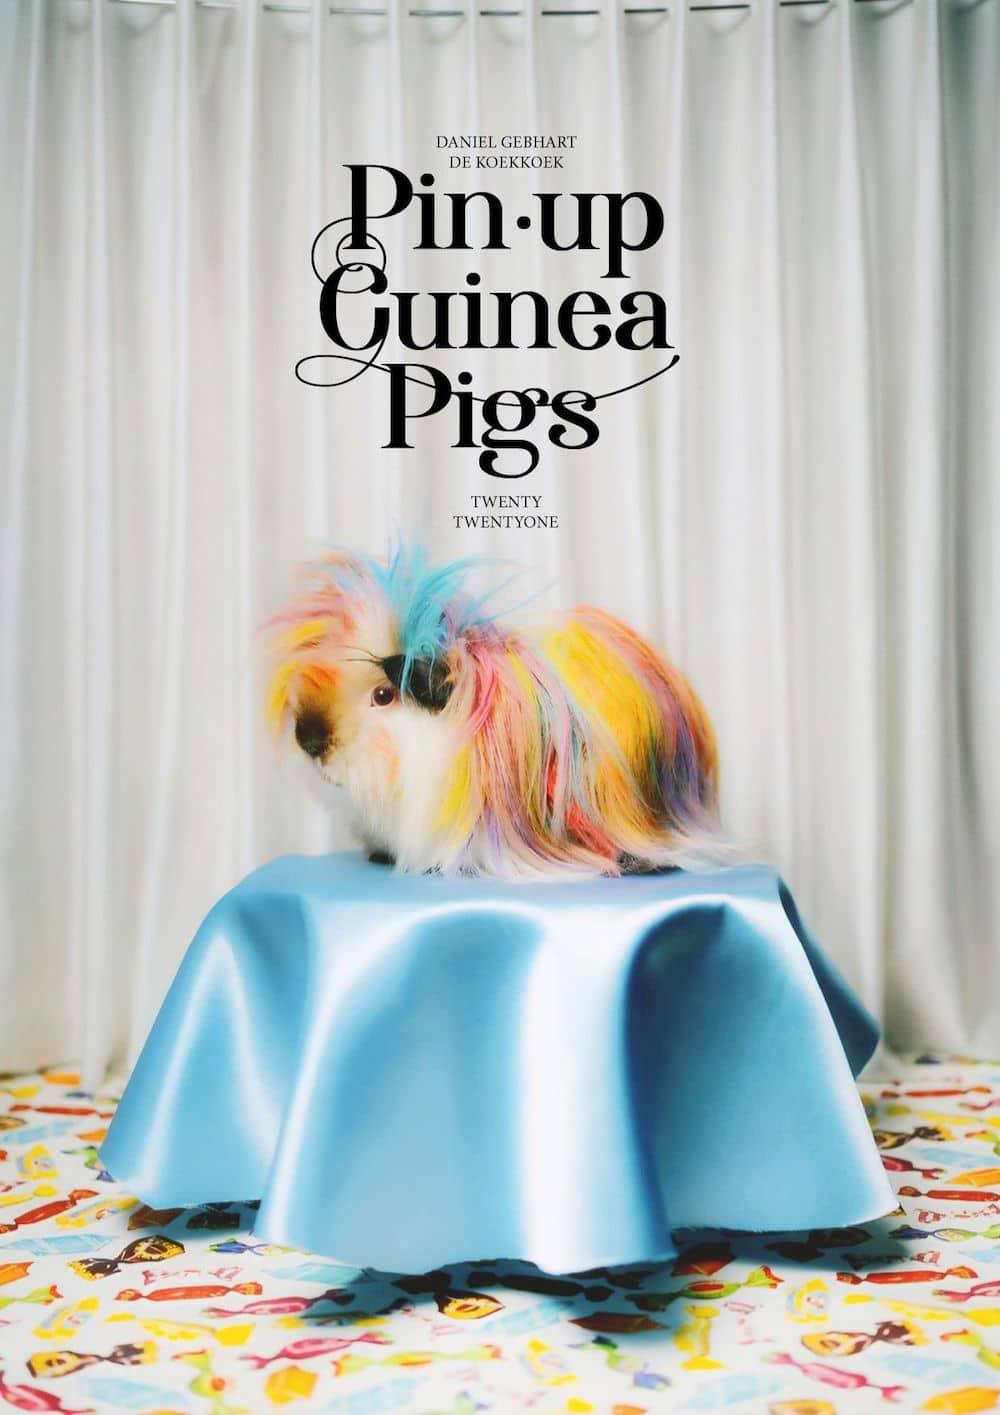 Witzige Wandkalender 2021 Tierkalender Meerschweinchen Fotograf KOEKKOEK Paul Gebhart